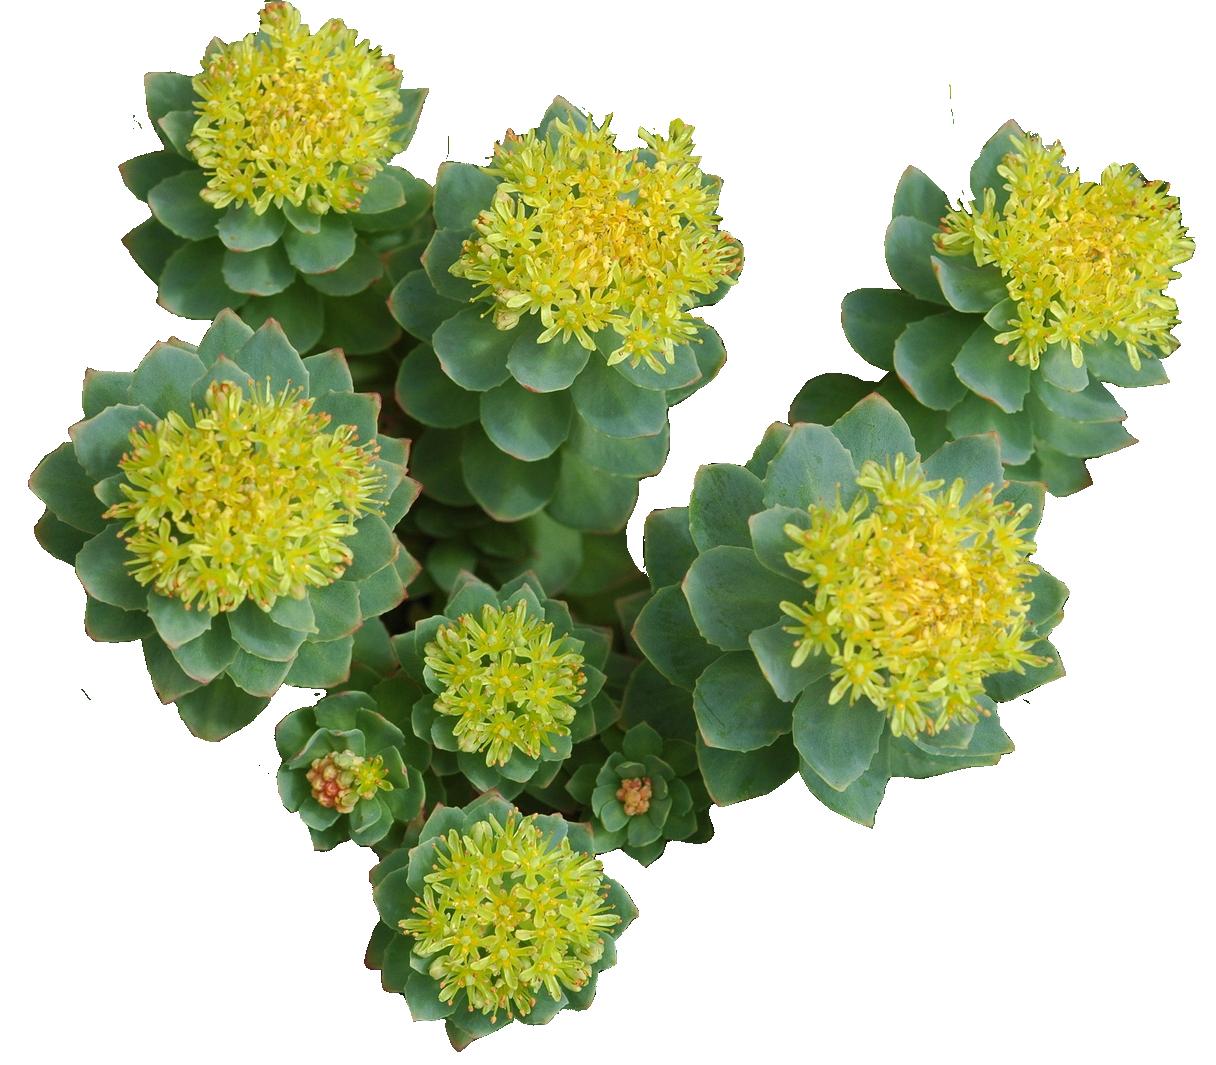 Rhodiola rosea kapsule. Rodiola kao lijek. Rodiola, ružičasti žednjak, biljka je adaptogen, ali osim što pomaže prilagodbi na stres, ona je antidepresiv, klinički ispitan kod lakših do srednje teških depresija. Jedna je od najpopularnijih među biljkama koje povećavaju mentalne performanse, odnosno učenje, te je stoga iznimno popularna kod studenata u Sjevernoj Americi. Uz šafran, brahmi i gotu kolu, jedna je od najpoznatijih neuroregeneracijskih biljaka nakon trauma mozga.